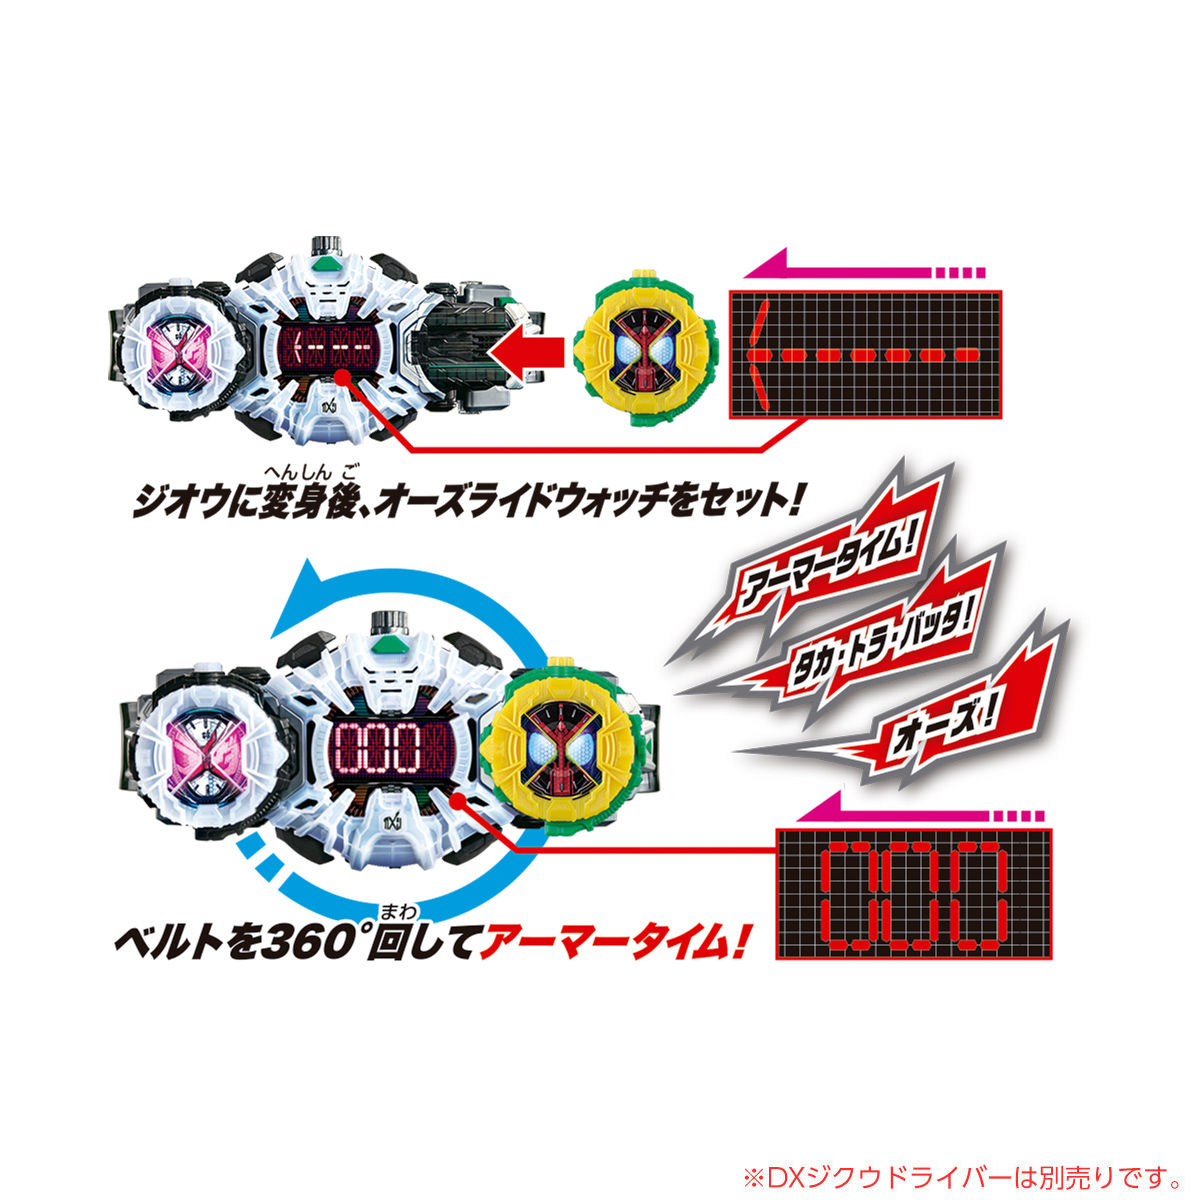 仮面ライダージオウ『DXタイムマジーン & オーズライドウォッチ』変身なりきり 可動フィギュア-009